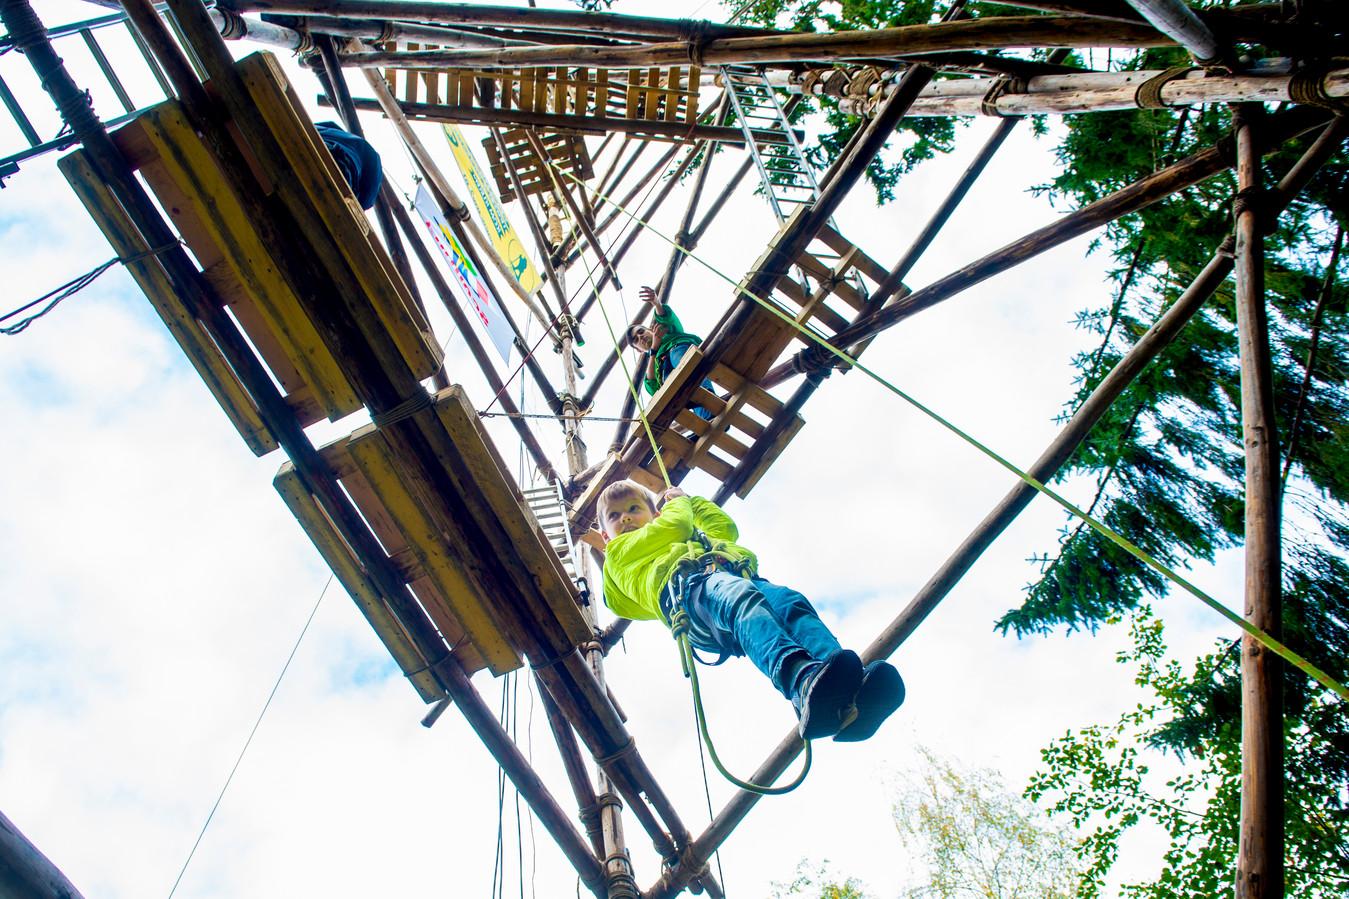 De JOTA-toren die Ugchelse Woudlopers afgelopen weekend was met 32 meter de hoogste in de geschiedenis van de vereniging. De Welpen mochten abseilen vanaf halverwege.